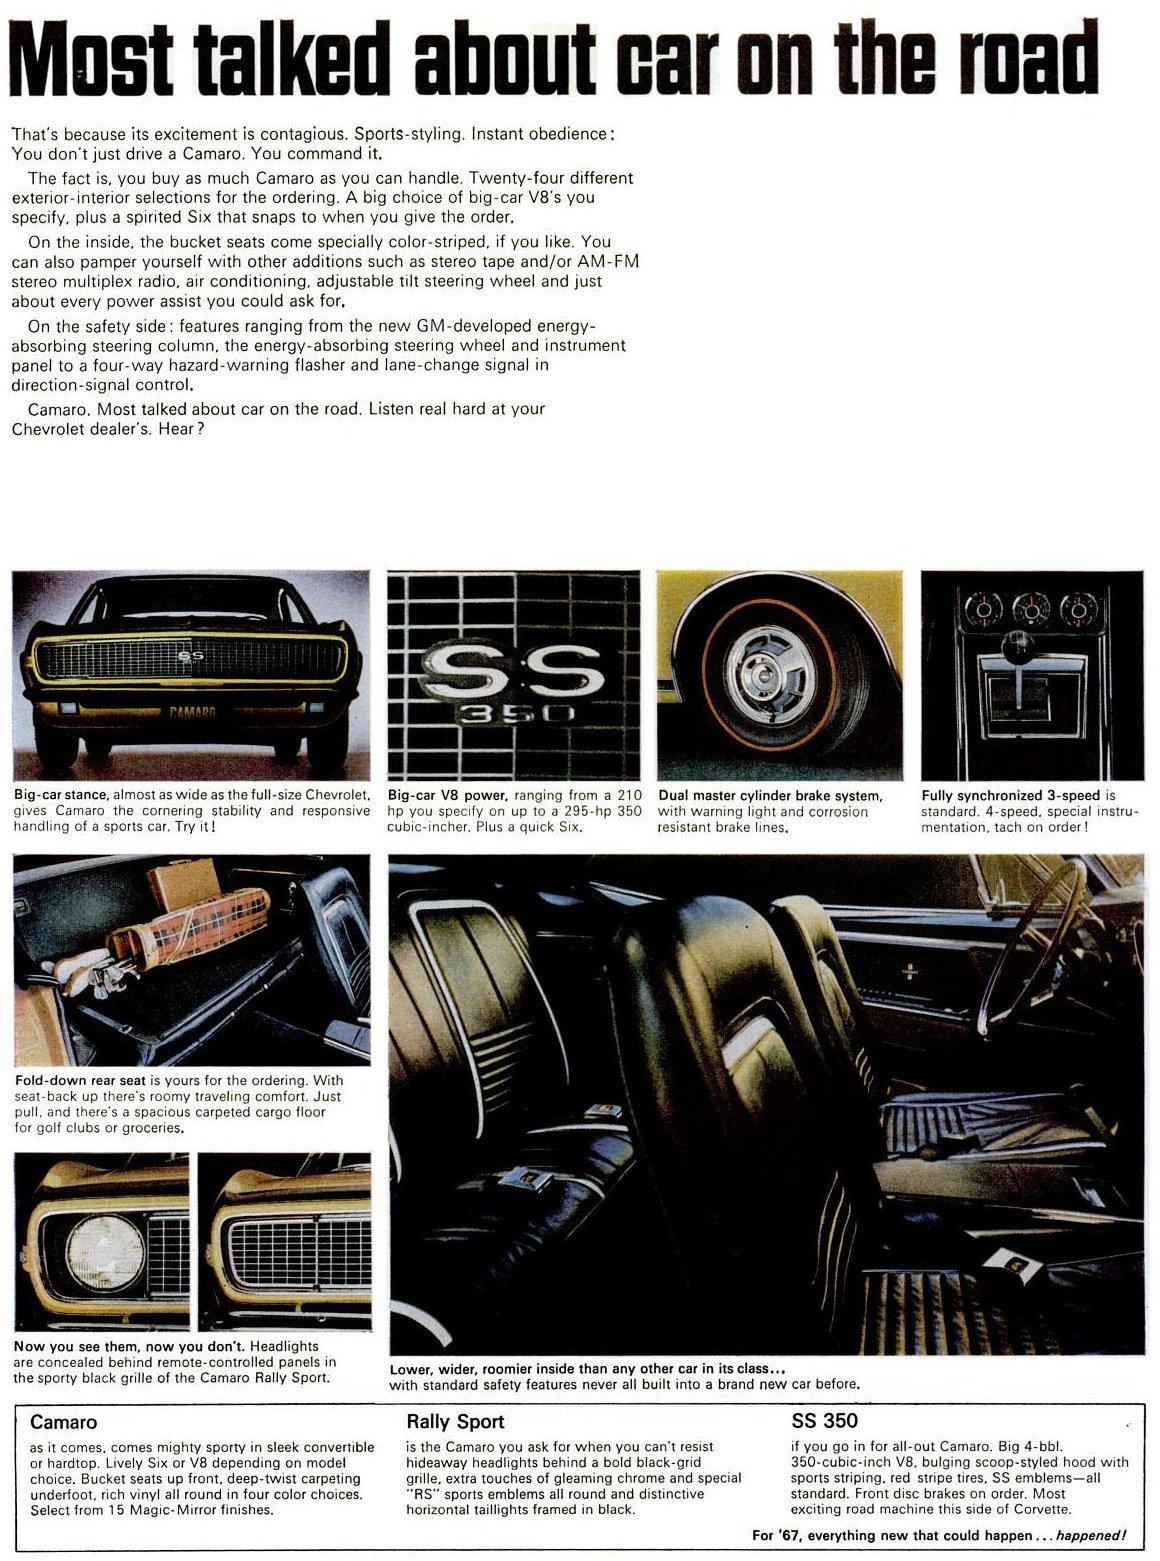 Classic 1967 Chevy Camaro